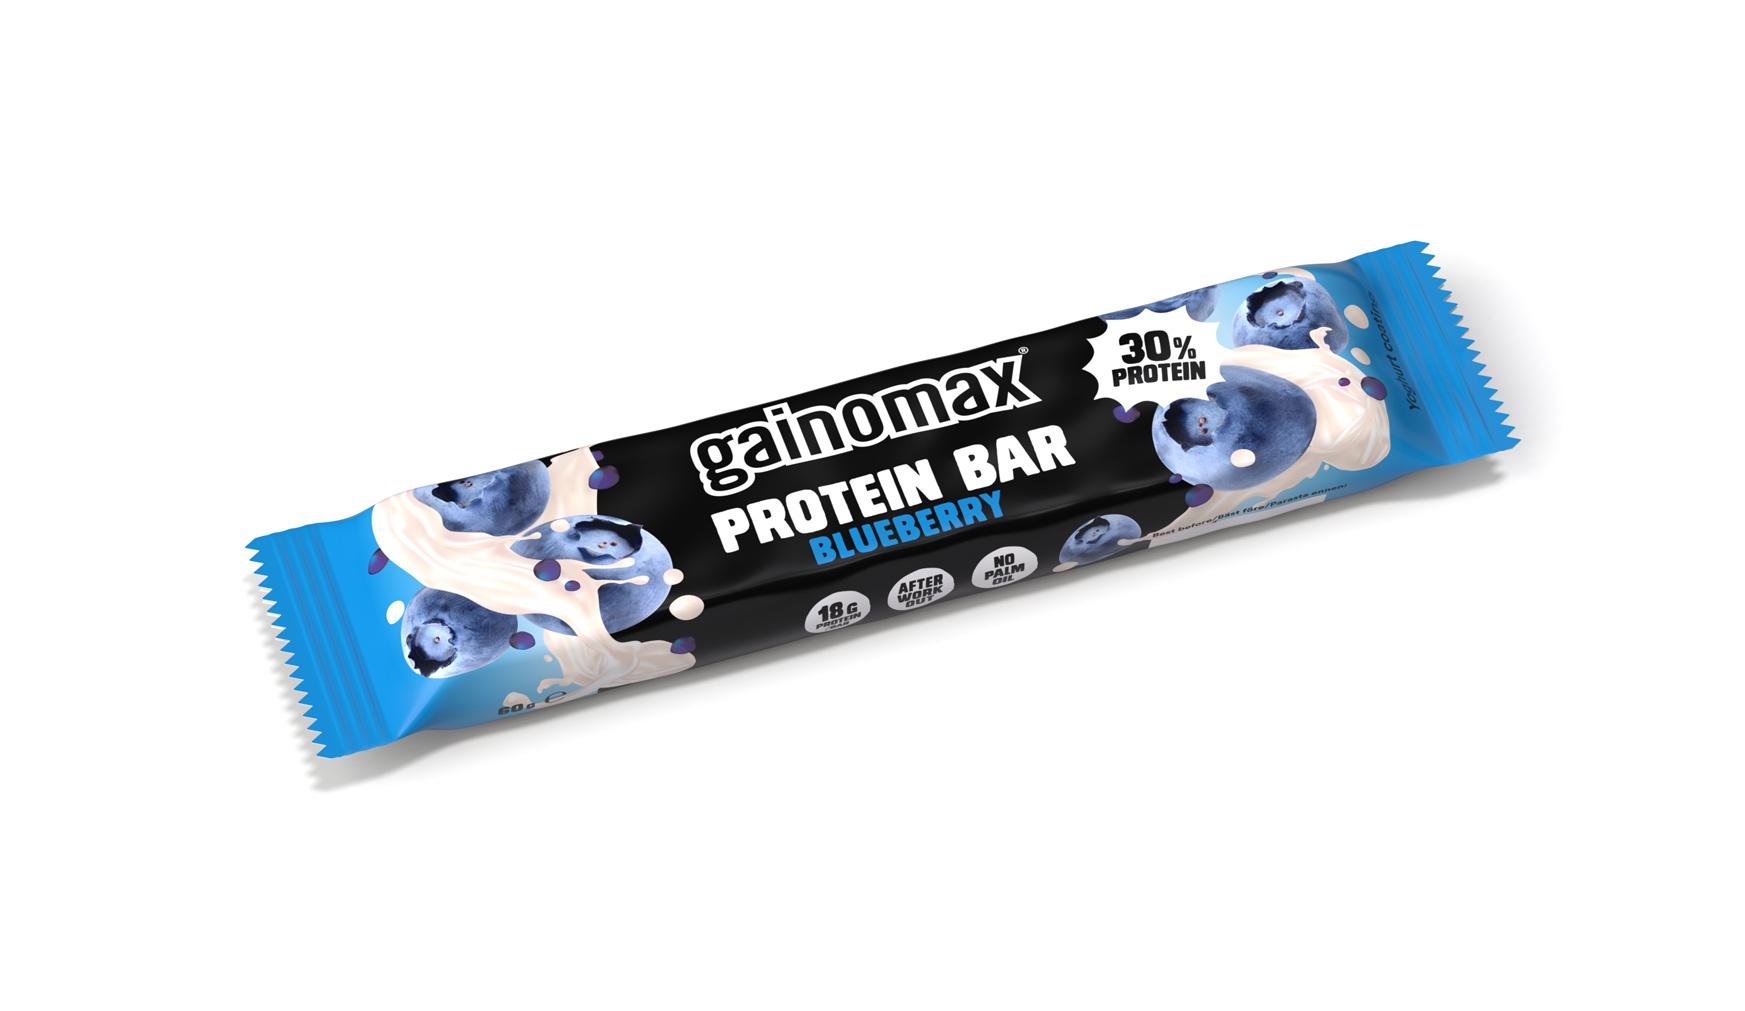 Gainomax Proteinbar Blueberry 60g